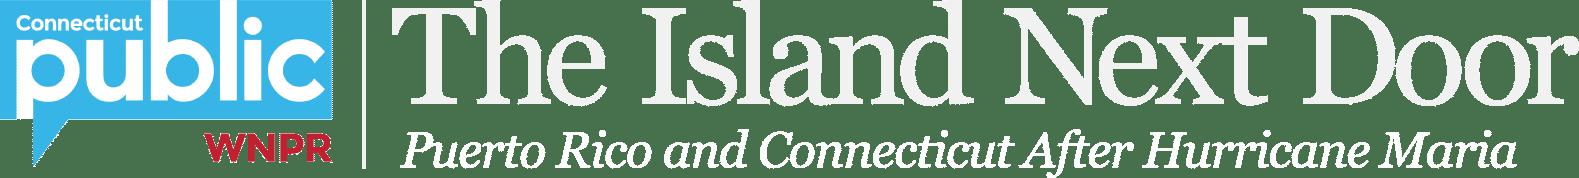 Island-Next-Door-graphic